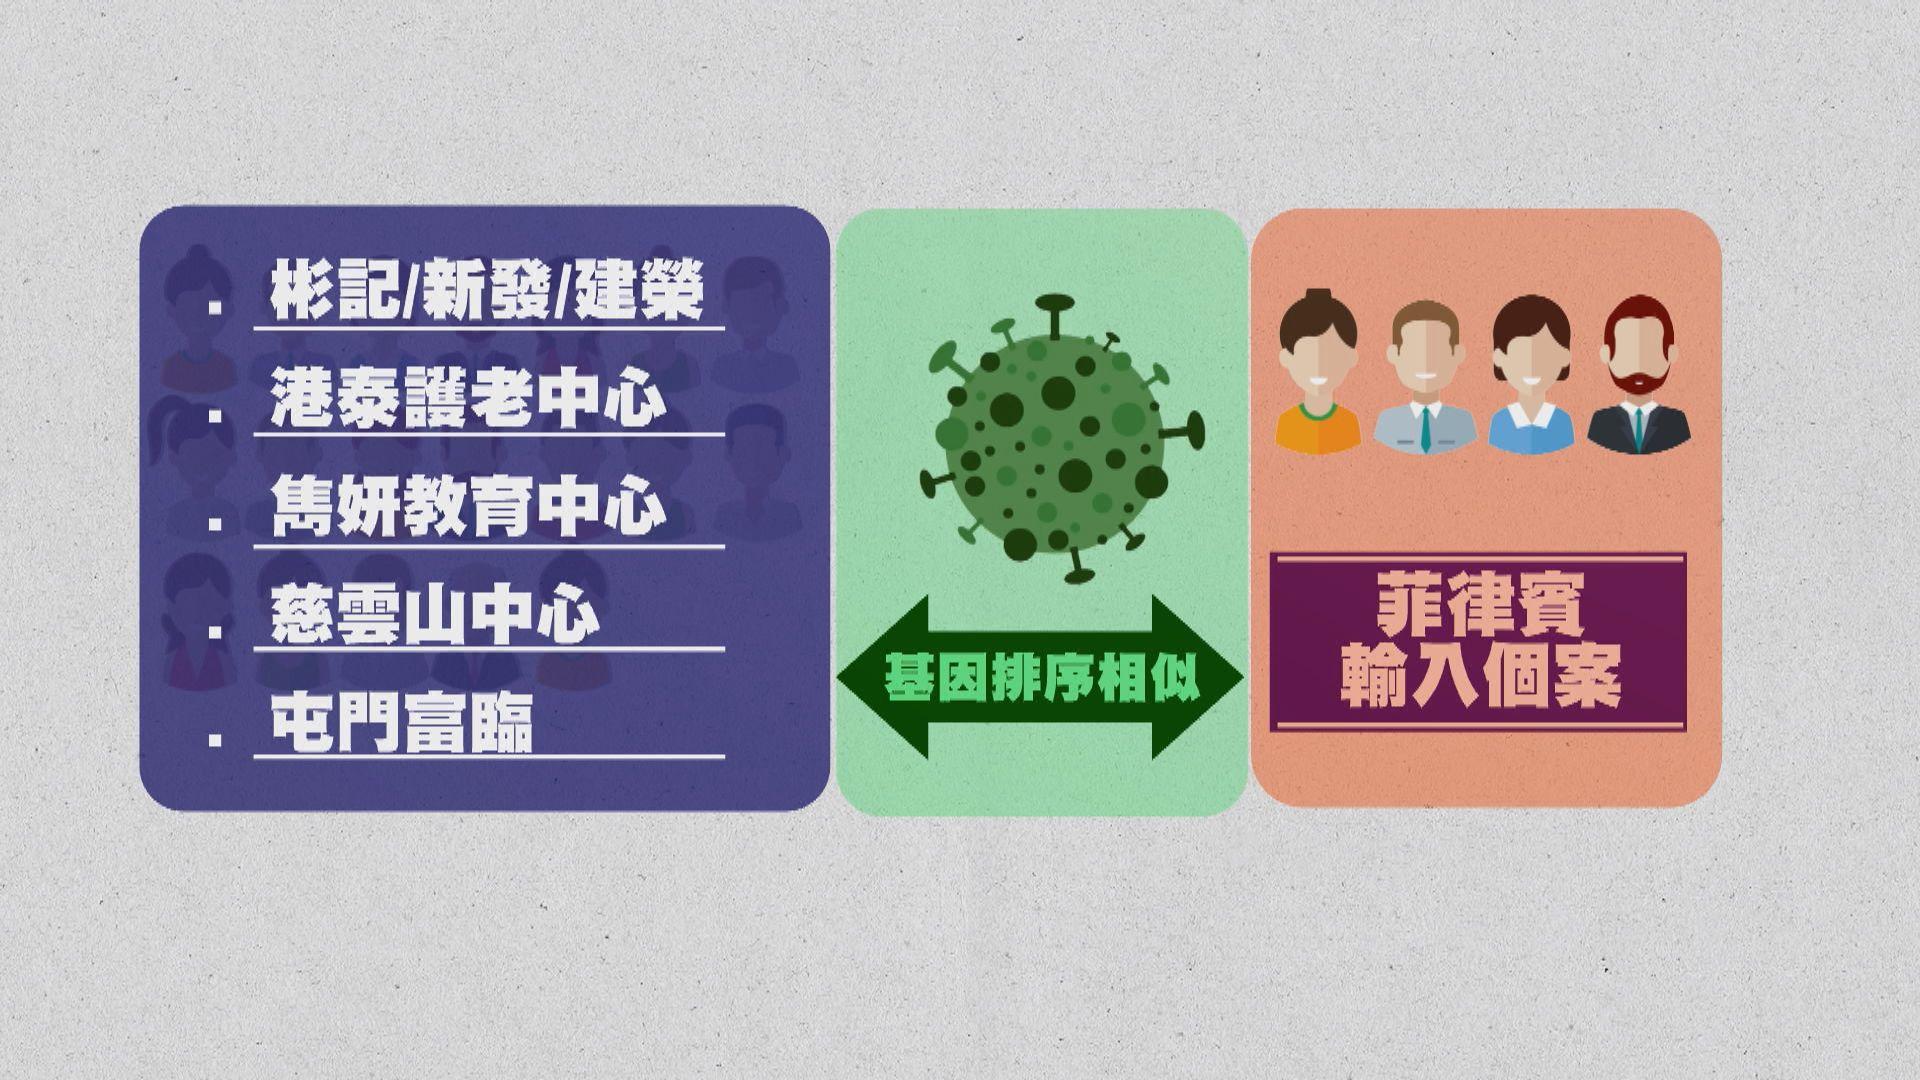 【理大分析及推斷】第三波疫情有三條傳播鏈 至少兩條來自輸入個案